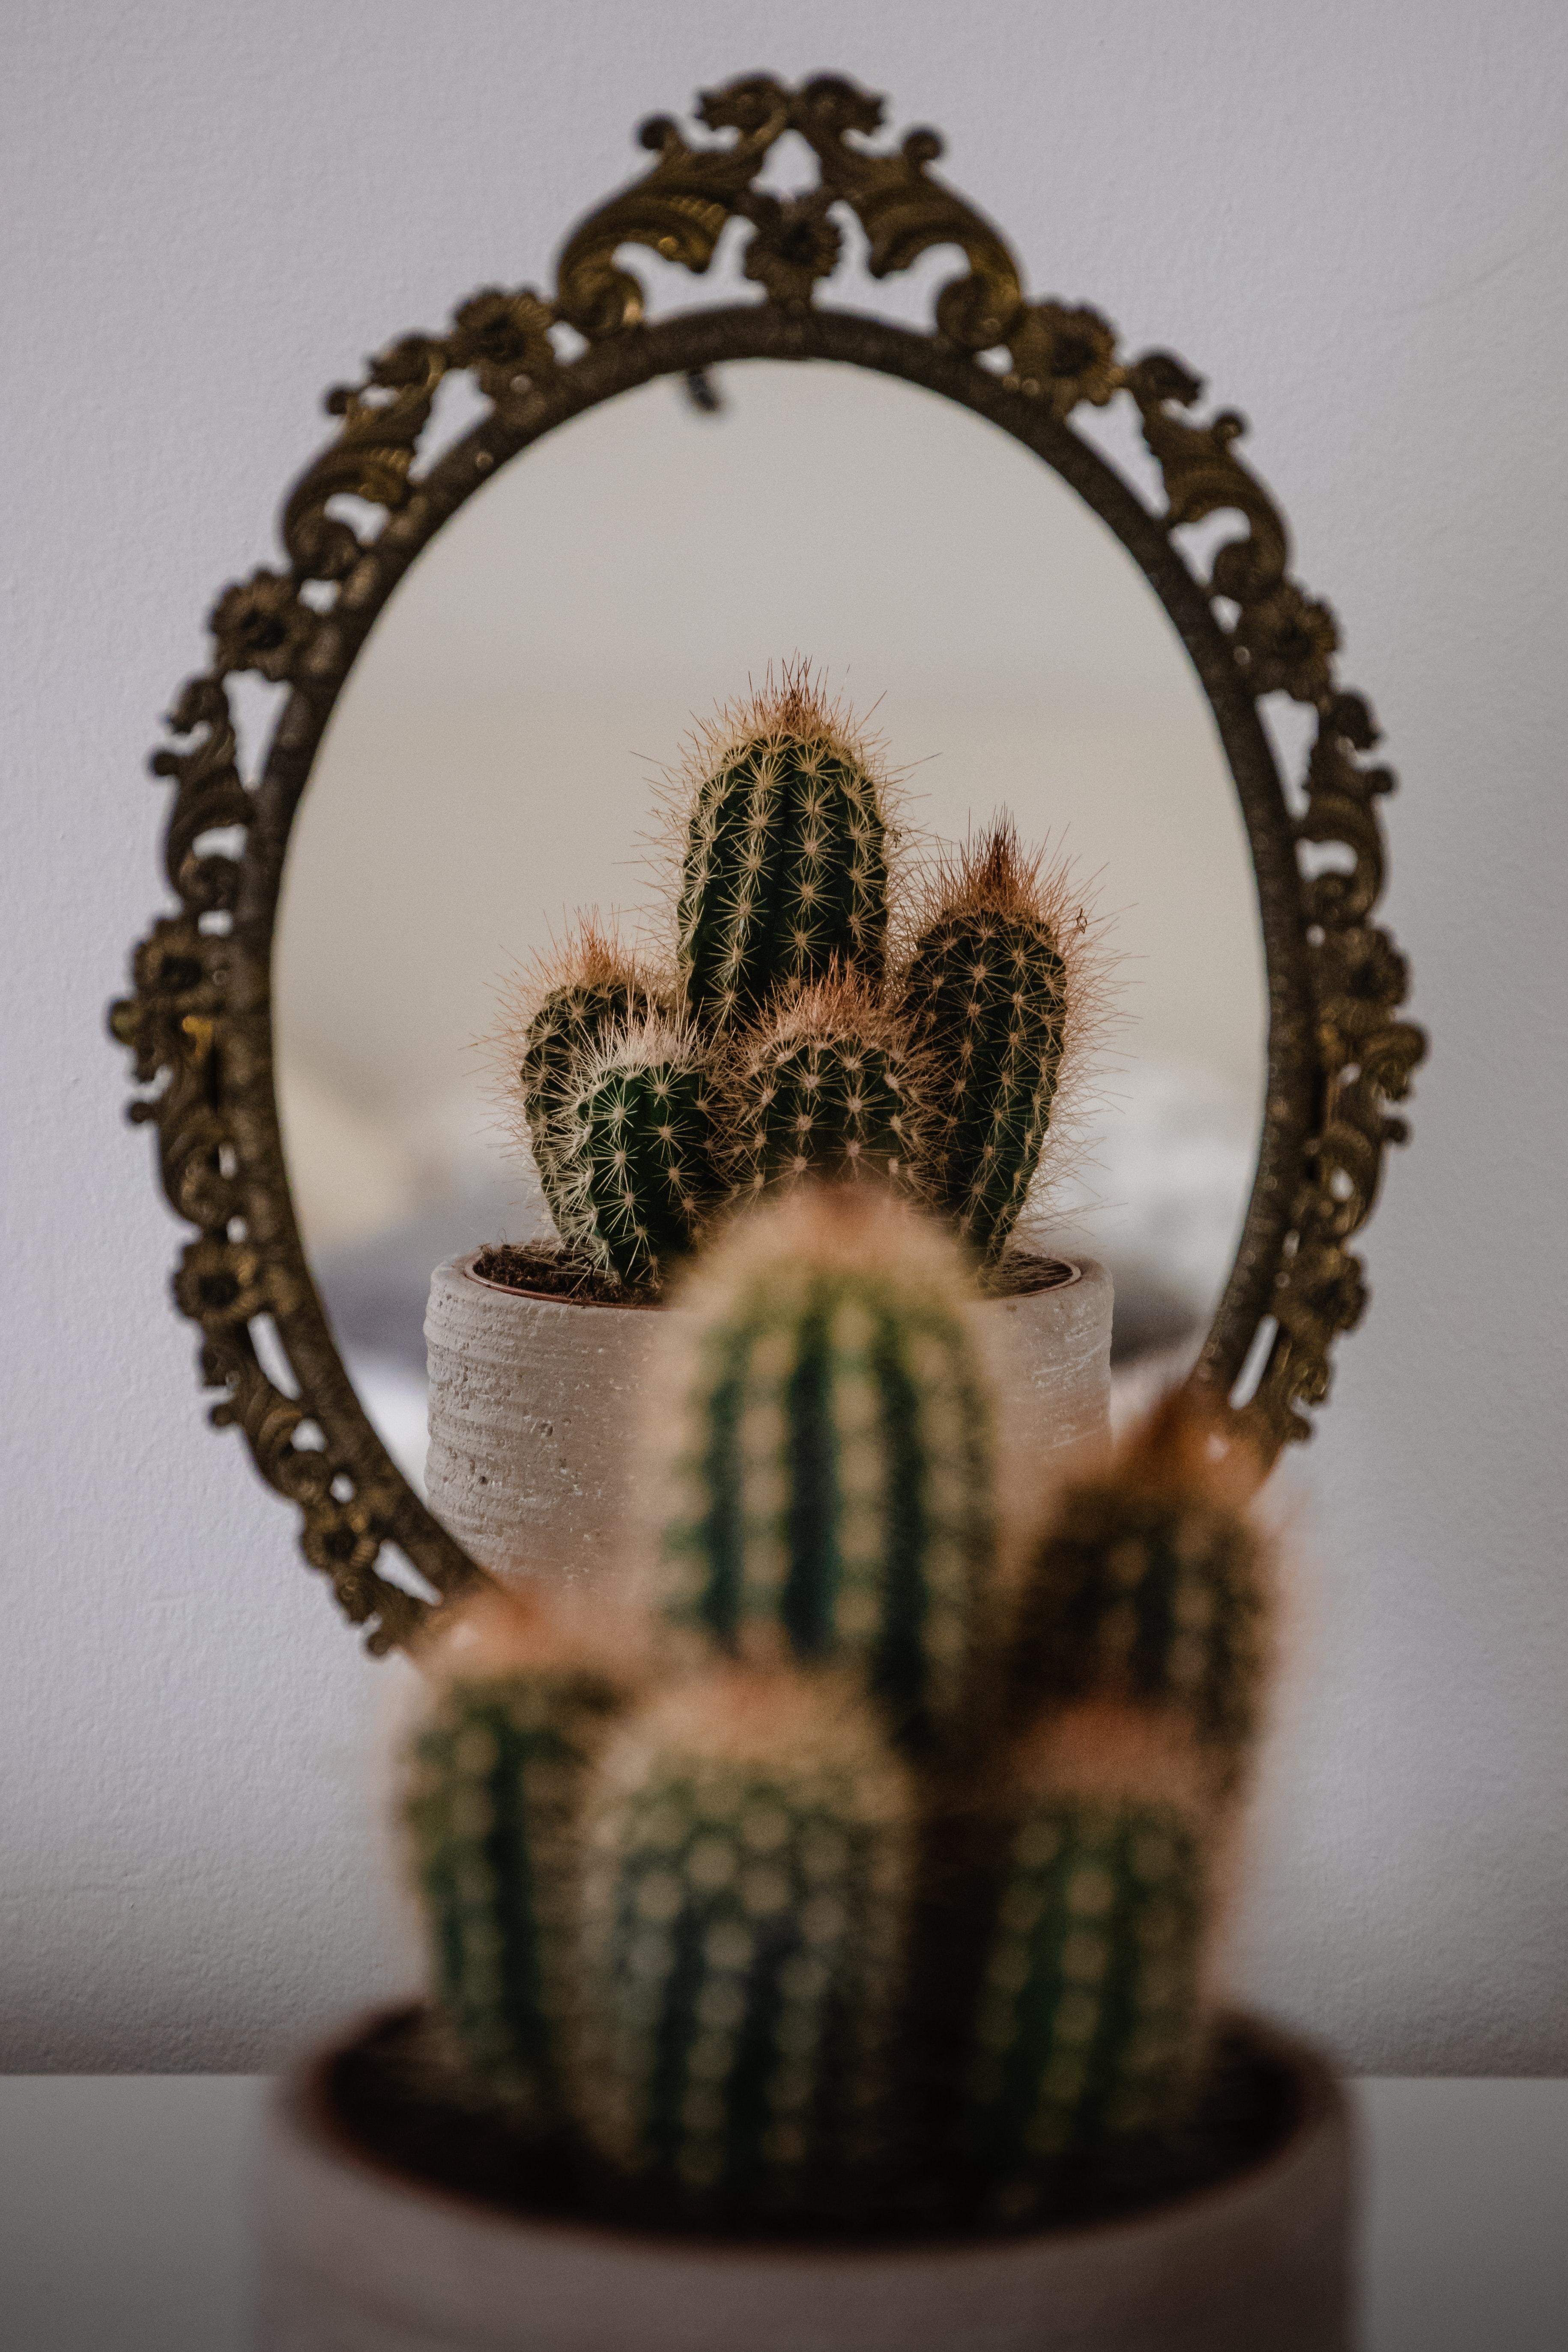 139369 télécharger le fond d'écran Divers, Cactus, Aiguille, Miroir, Réflexion - économiseurs d'écran et images gratuitement